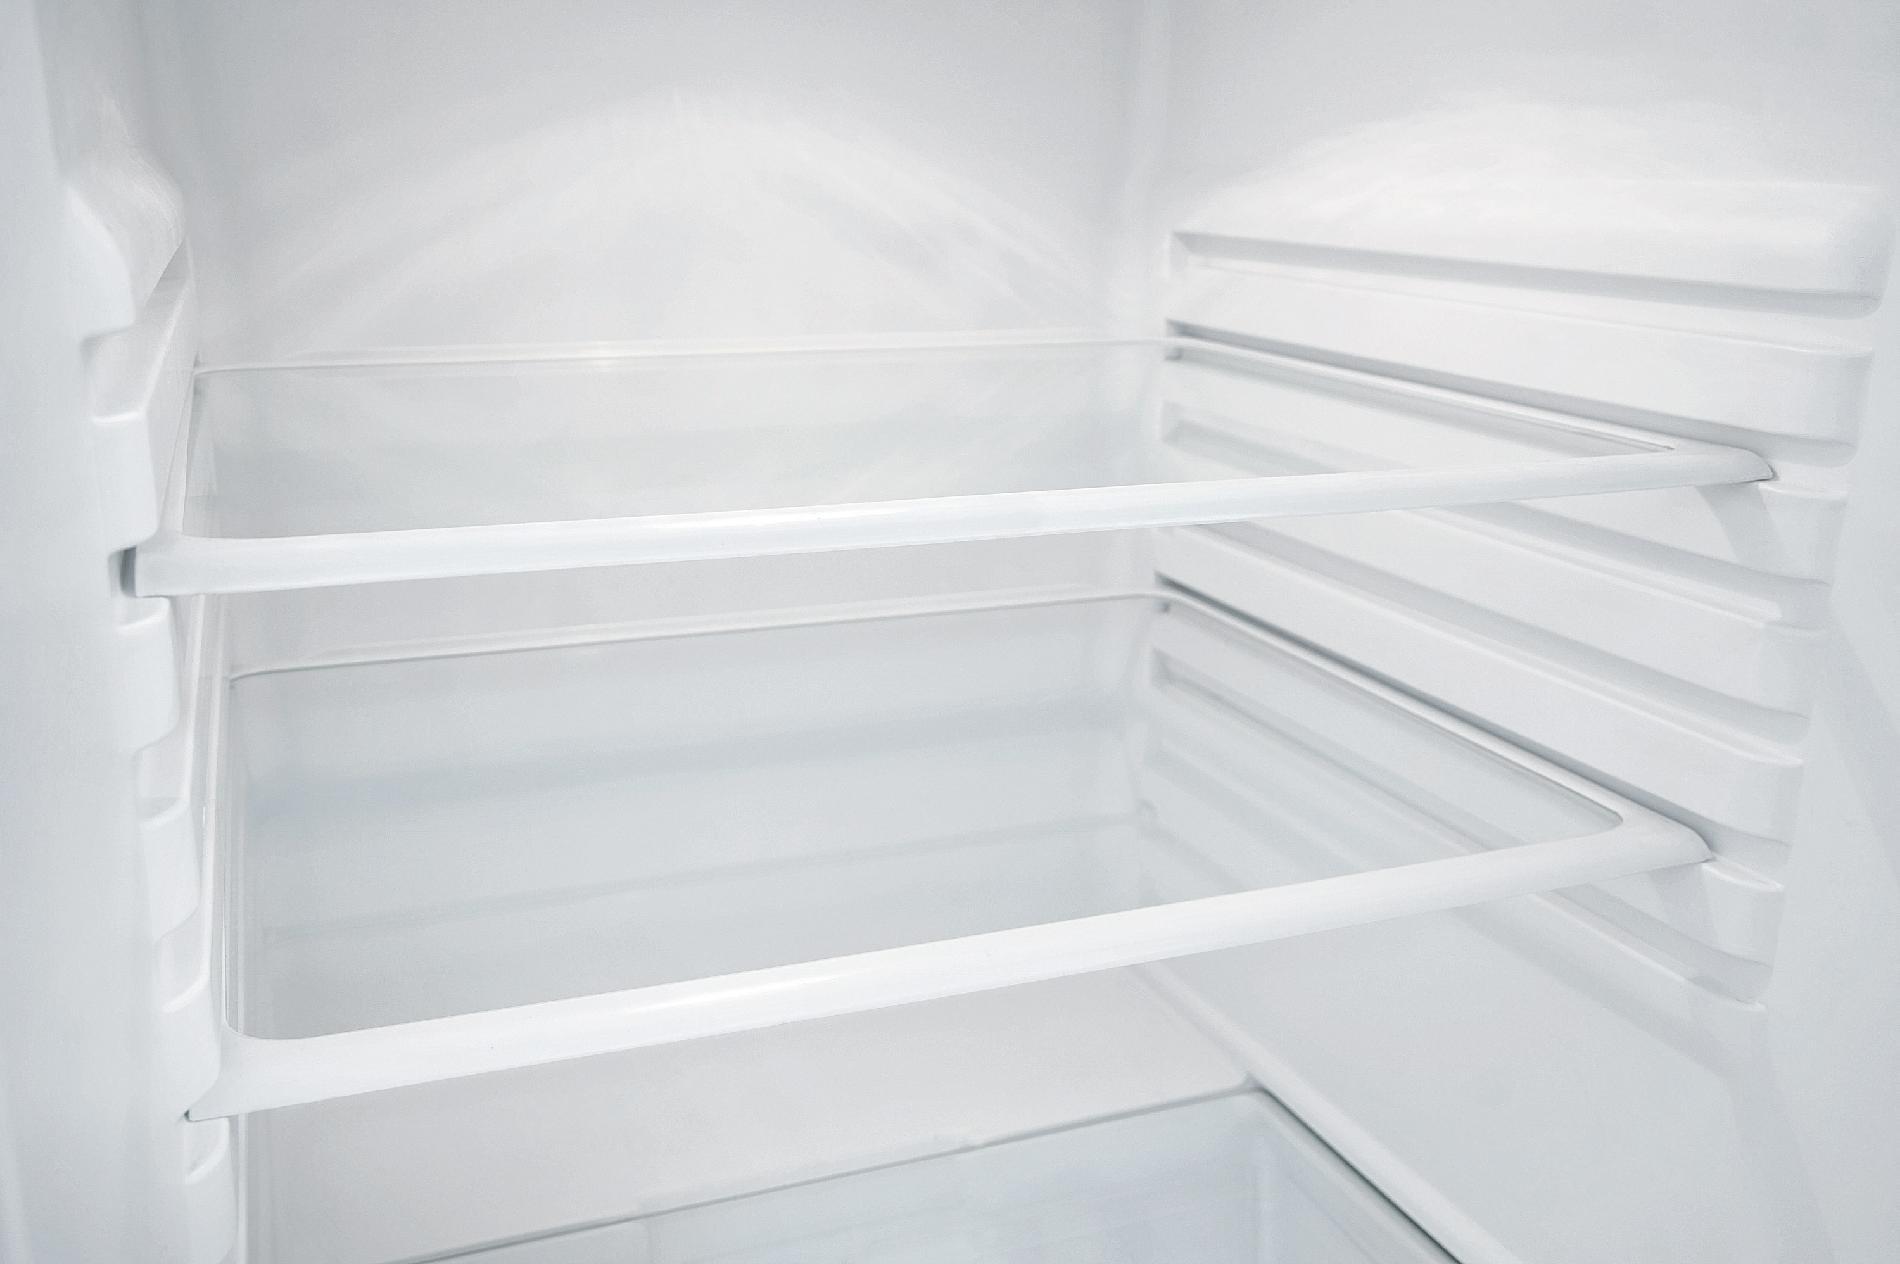 Frigidaire 10.0 cu. ft. Top-Freezer Refrigerator - White